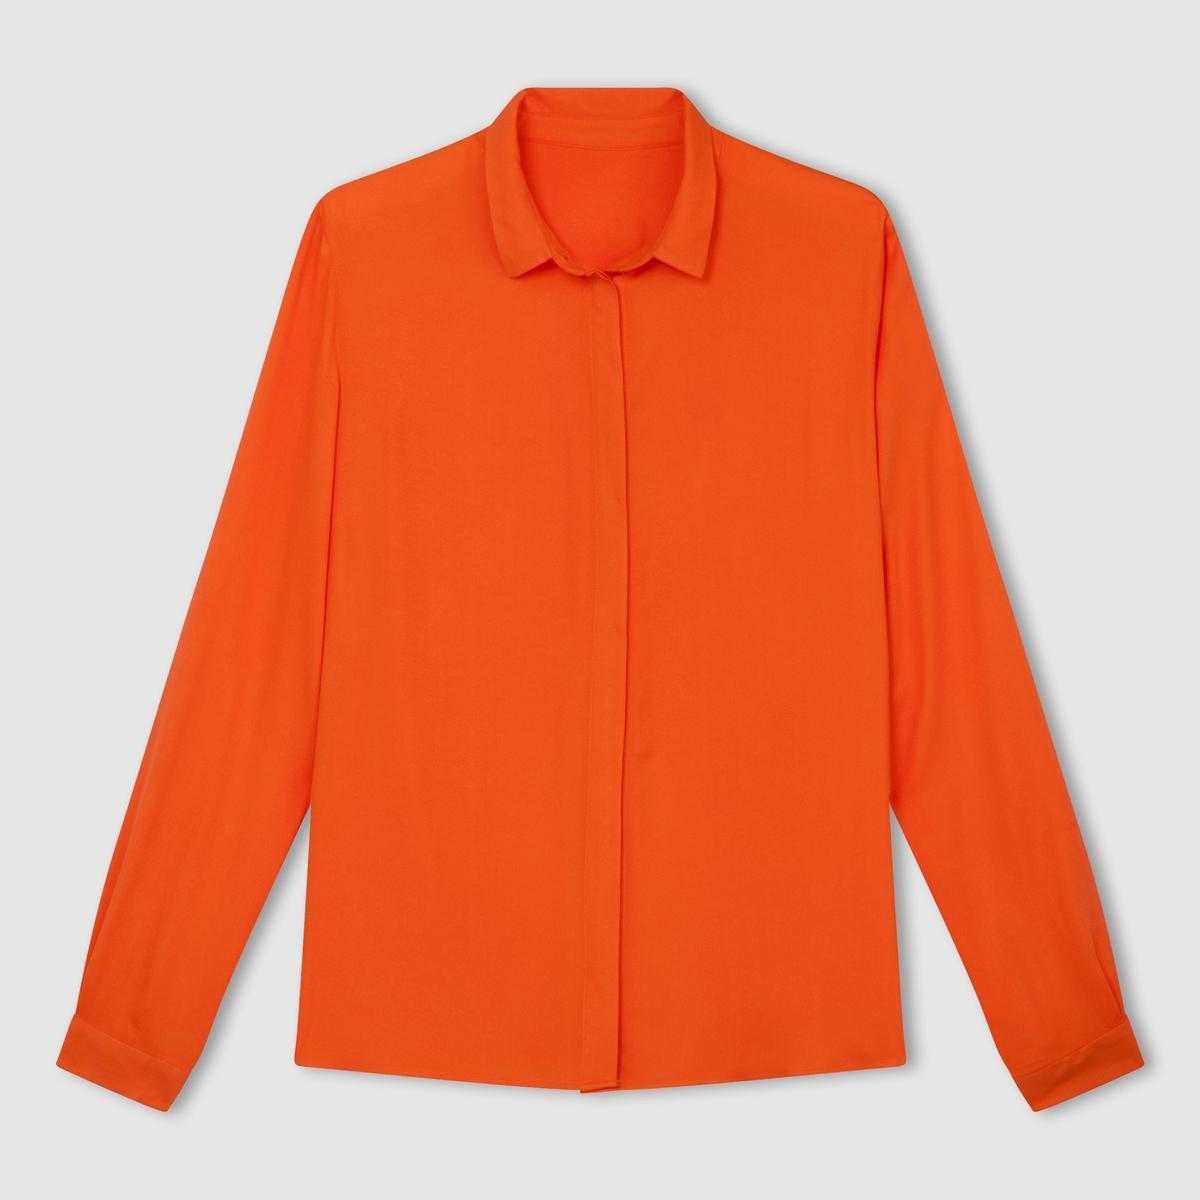 Рубашка из вискозы. Длинные рукаваРубашка из 100% вискозы . Длинные рукава . Без карманов . Супатная застежка на пуговицы  . Длина 67 см .            Элегантная и удобная рубашка, незаменимая в любом гардеробе  !<br><br>Цвет: бледно-розовый,ярко-оранжевый<br>Размер: 44 (FR) - 50 (RUS)